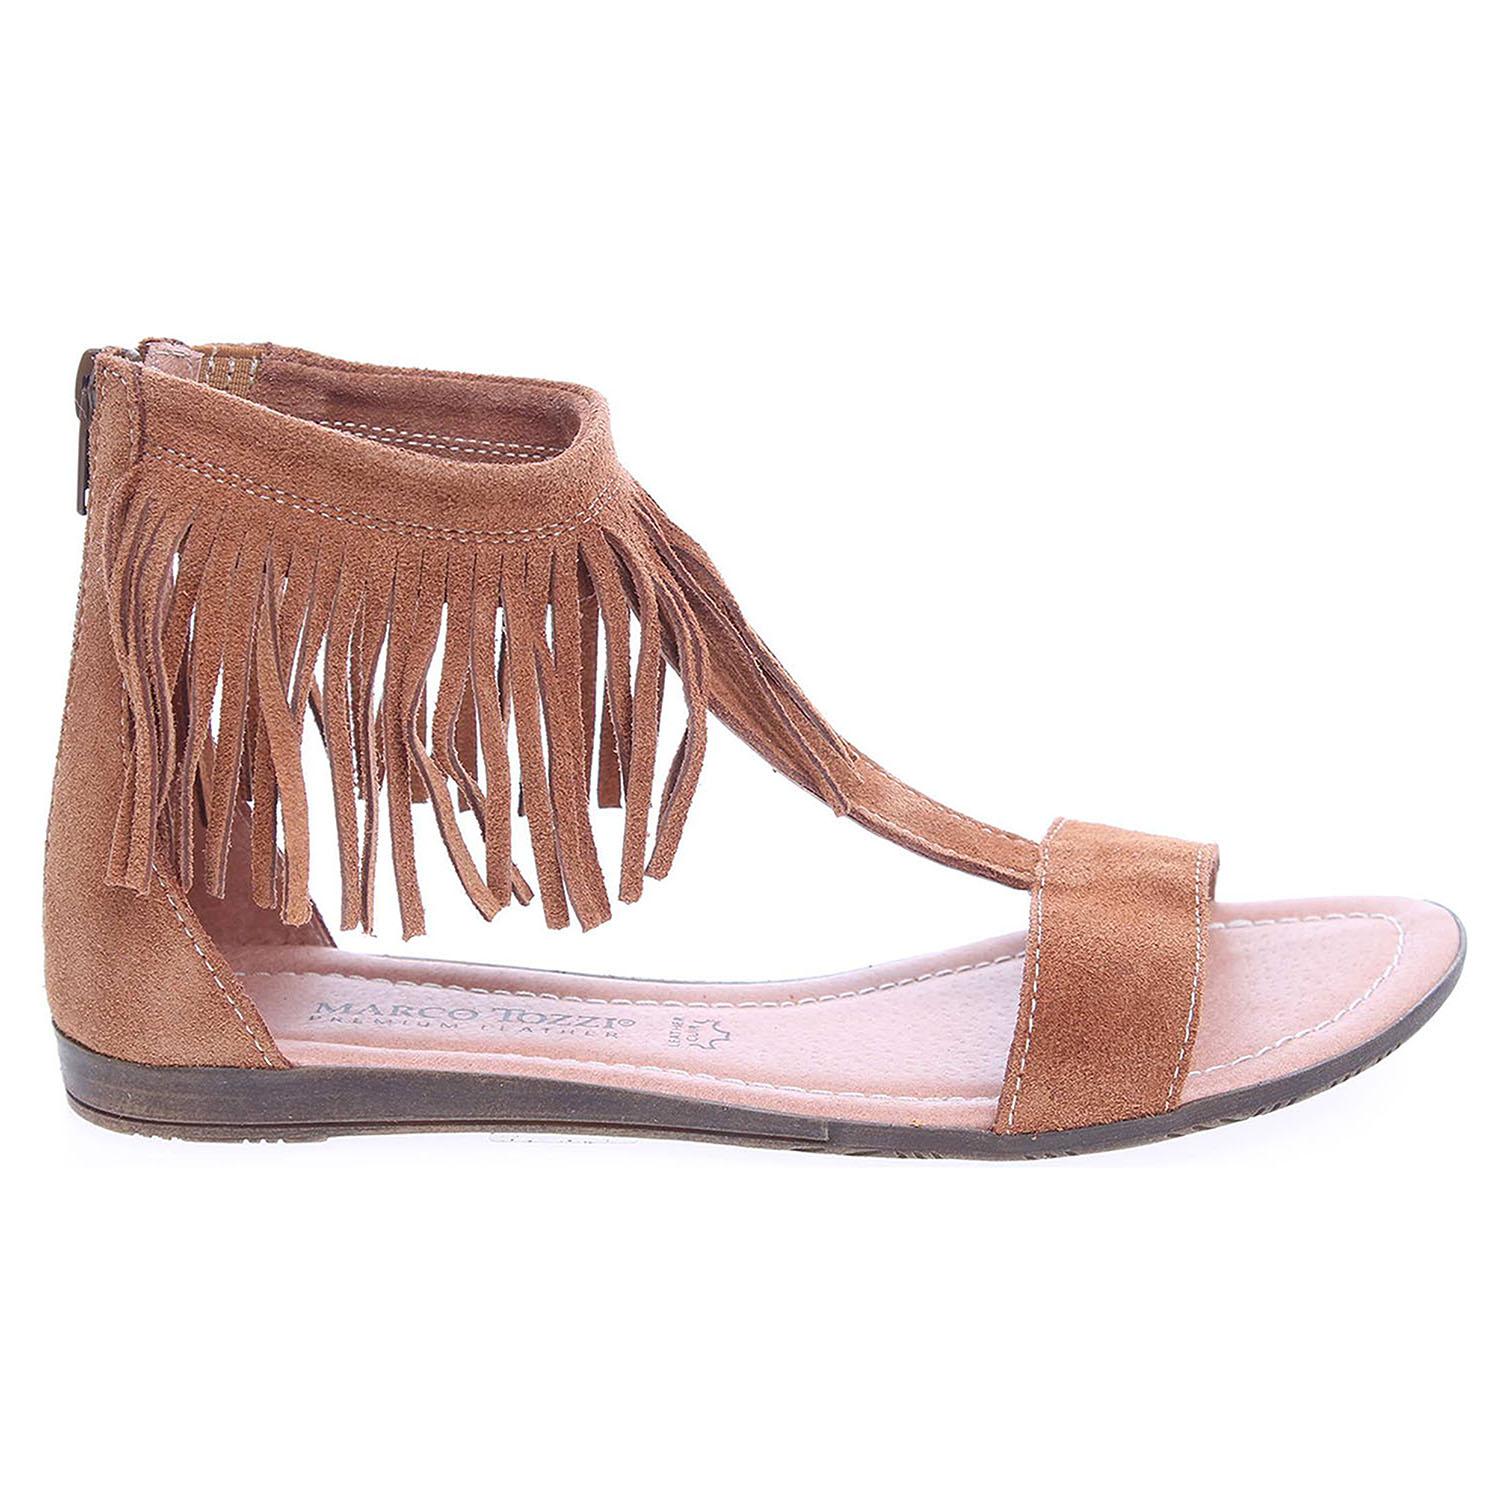 Marco Tozzi dámské sandály 2-28144-36 hnědé 38